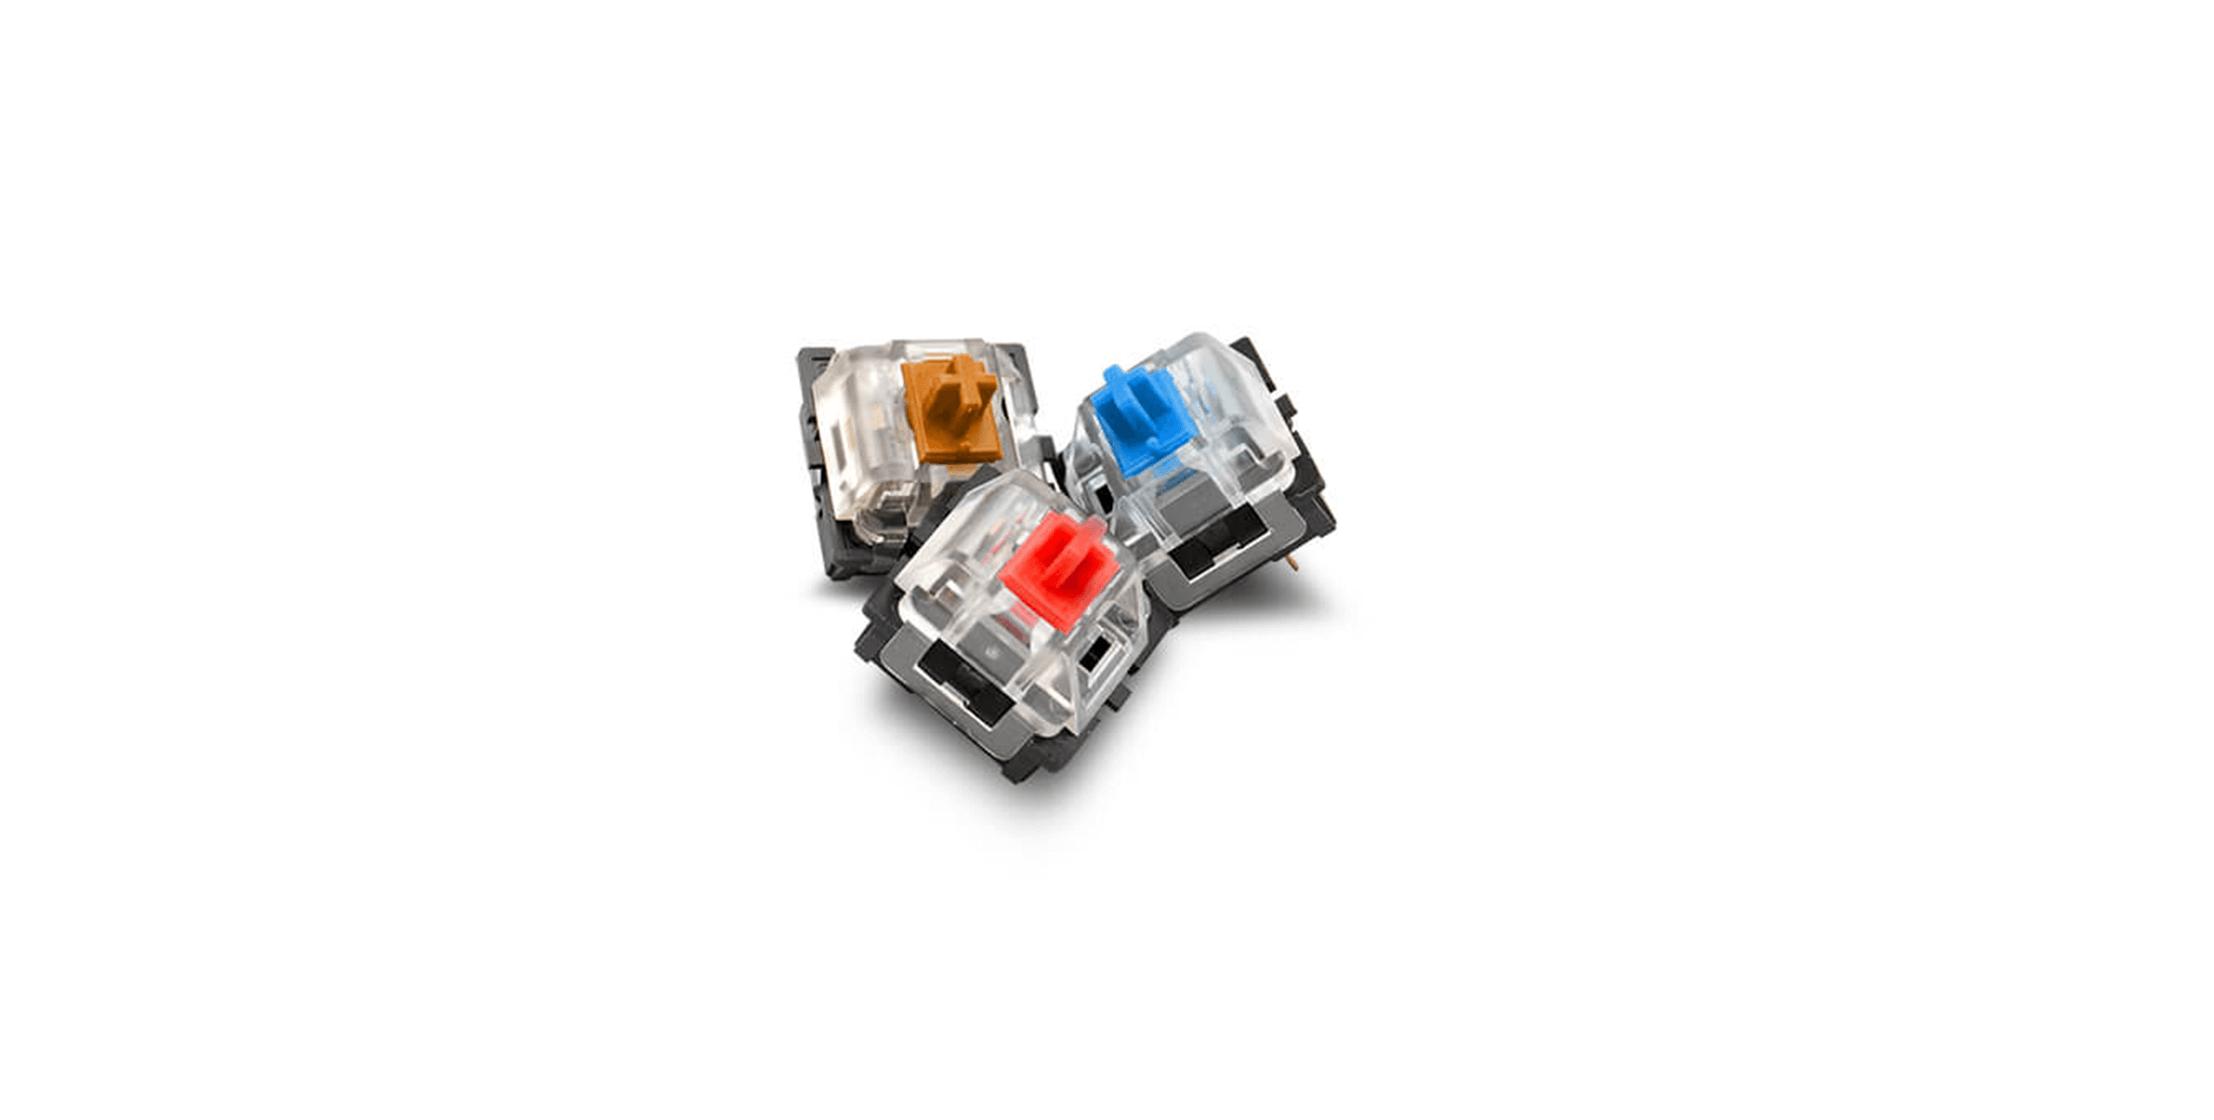 Bàn phím Cooler Master CK350 V2 (USB/RGB/Blue sw) sử dụng switch Outemu có độ bền lên đến 50 triệu lần nhấn